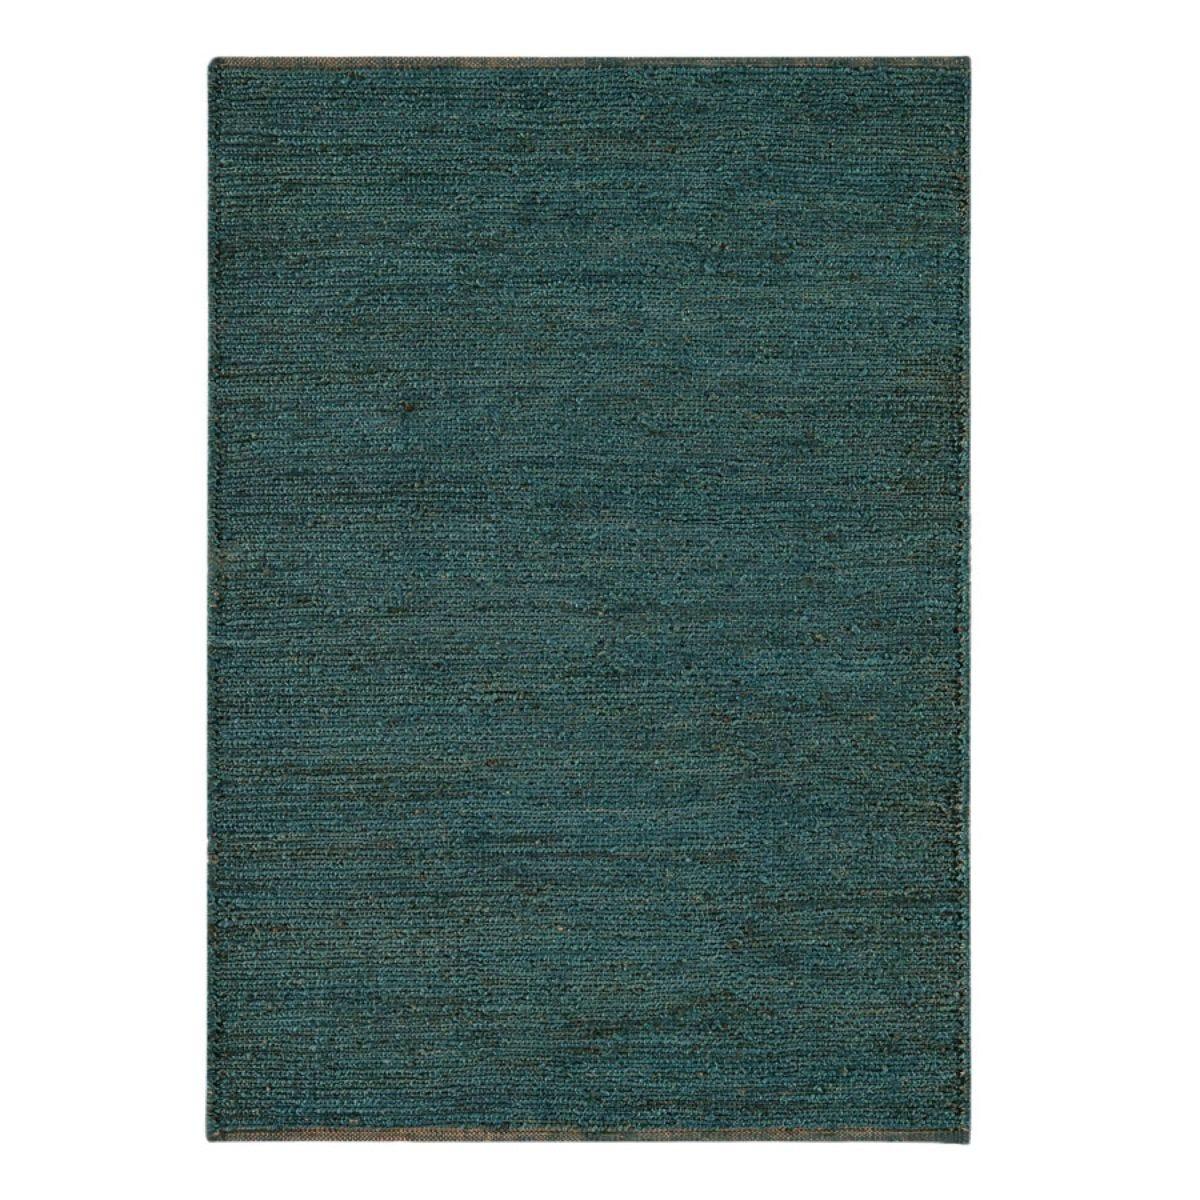 Asiatic Jute Rug, 160 x 230cm - Teal